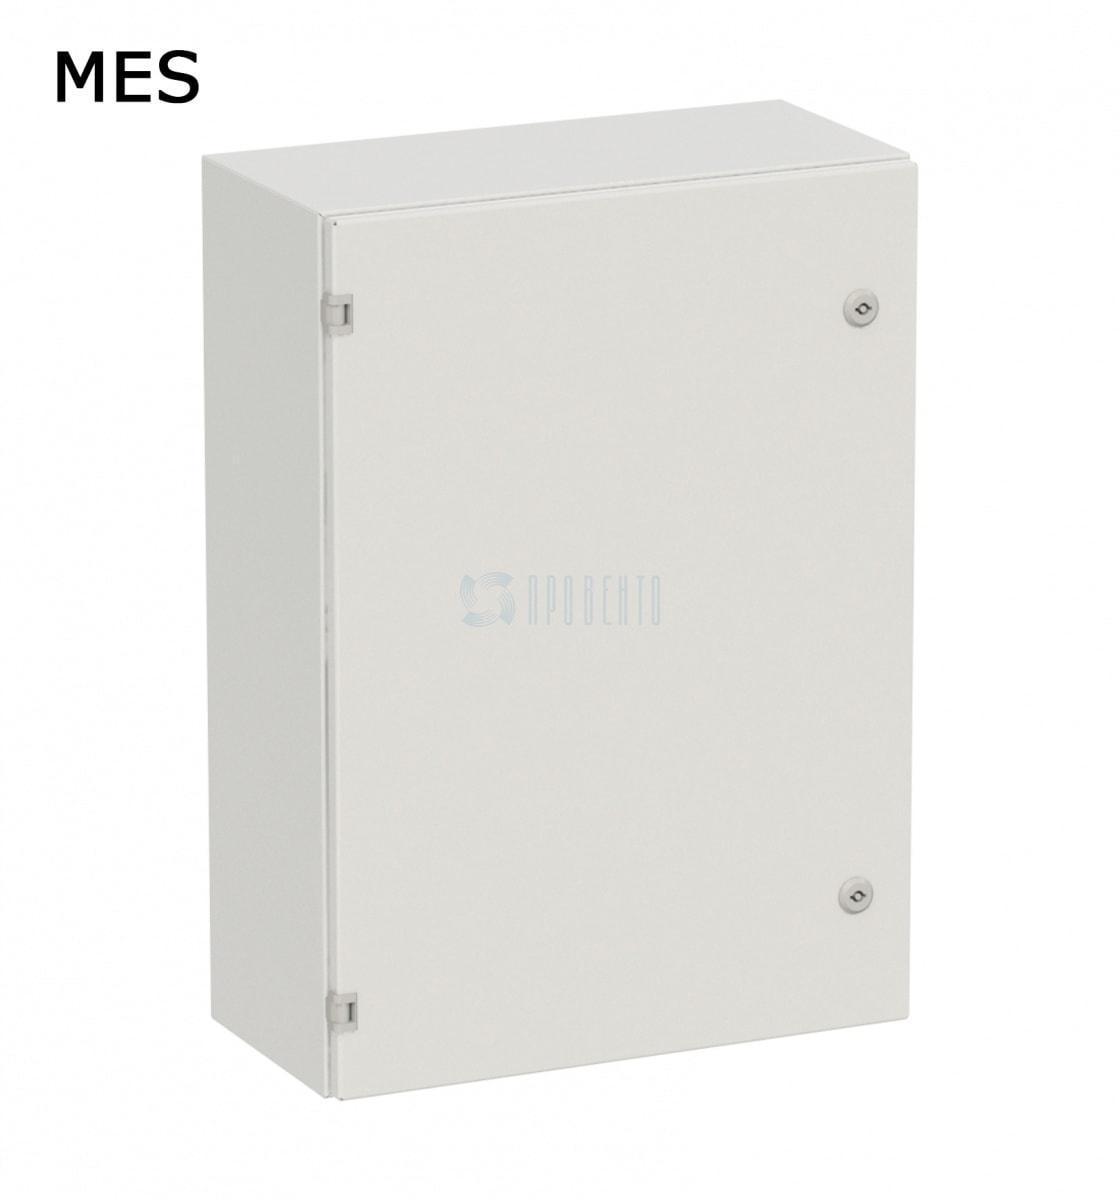 400х300х210 мм  Настенный шкаф в комплекте с монтажной панелью, IP 66